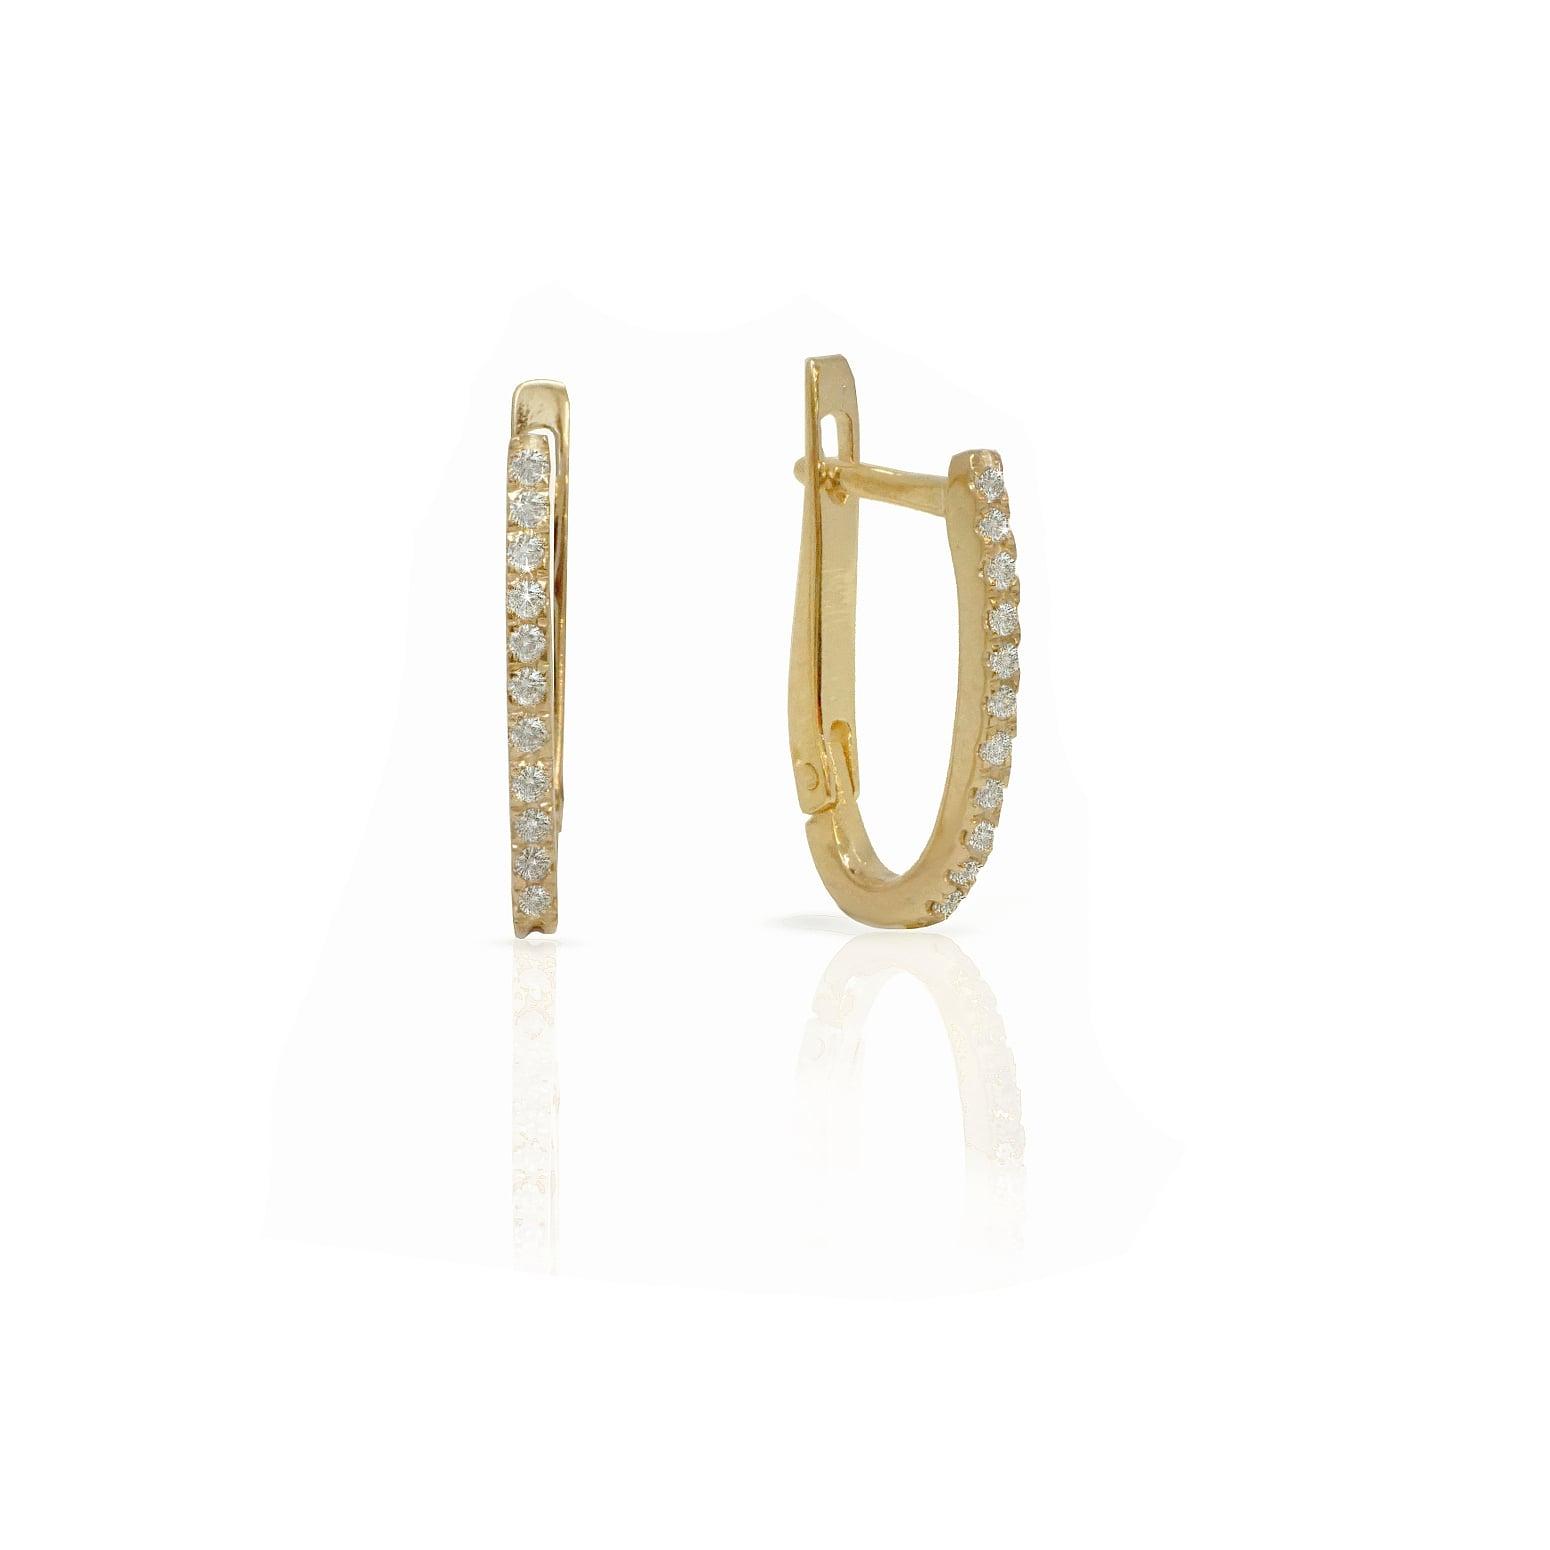 עגילי חצי חישוק משובצים יהלומים| עגילי חישוק יהלומים | עגילי בננה משובצים ביהלומים